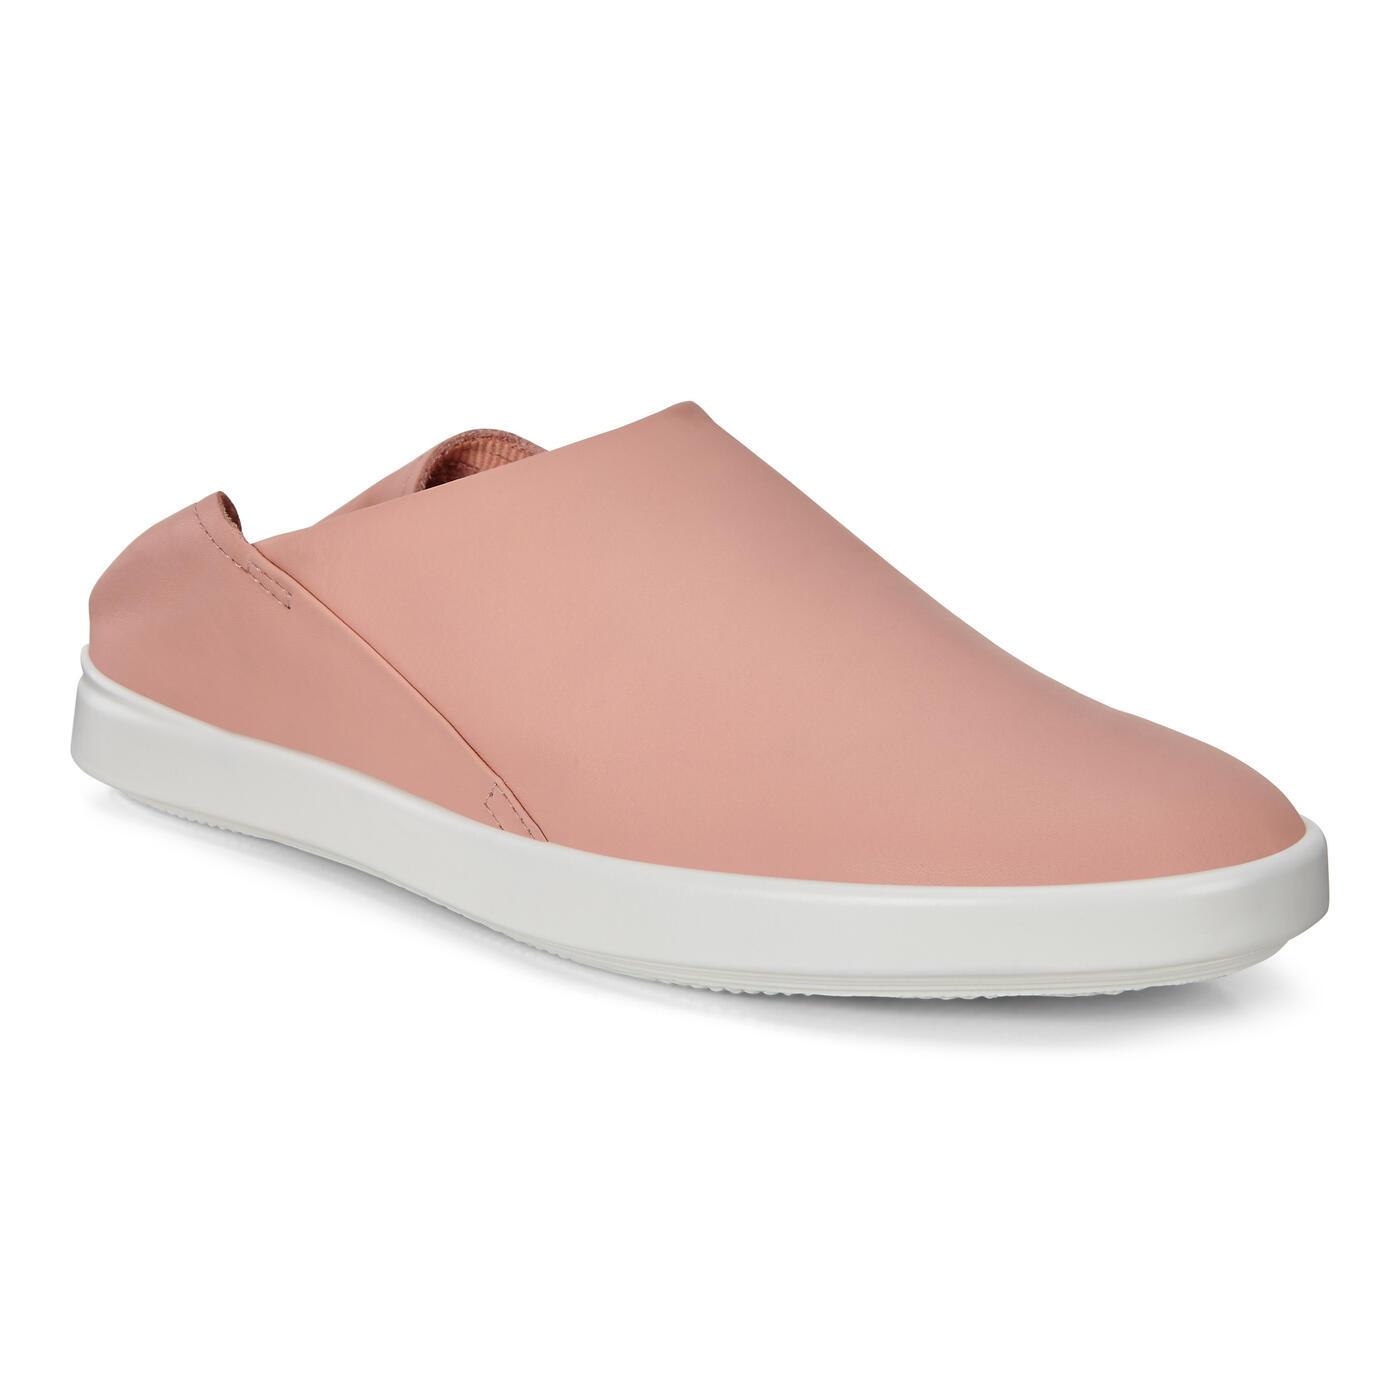 ECCO LEISURE Women's Slip-on Sneaker